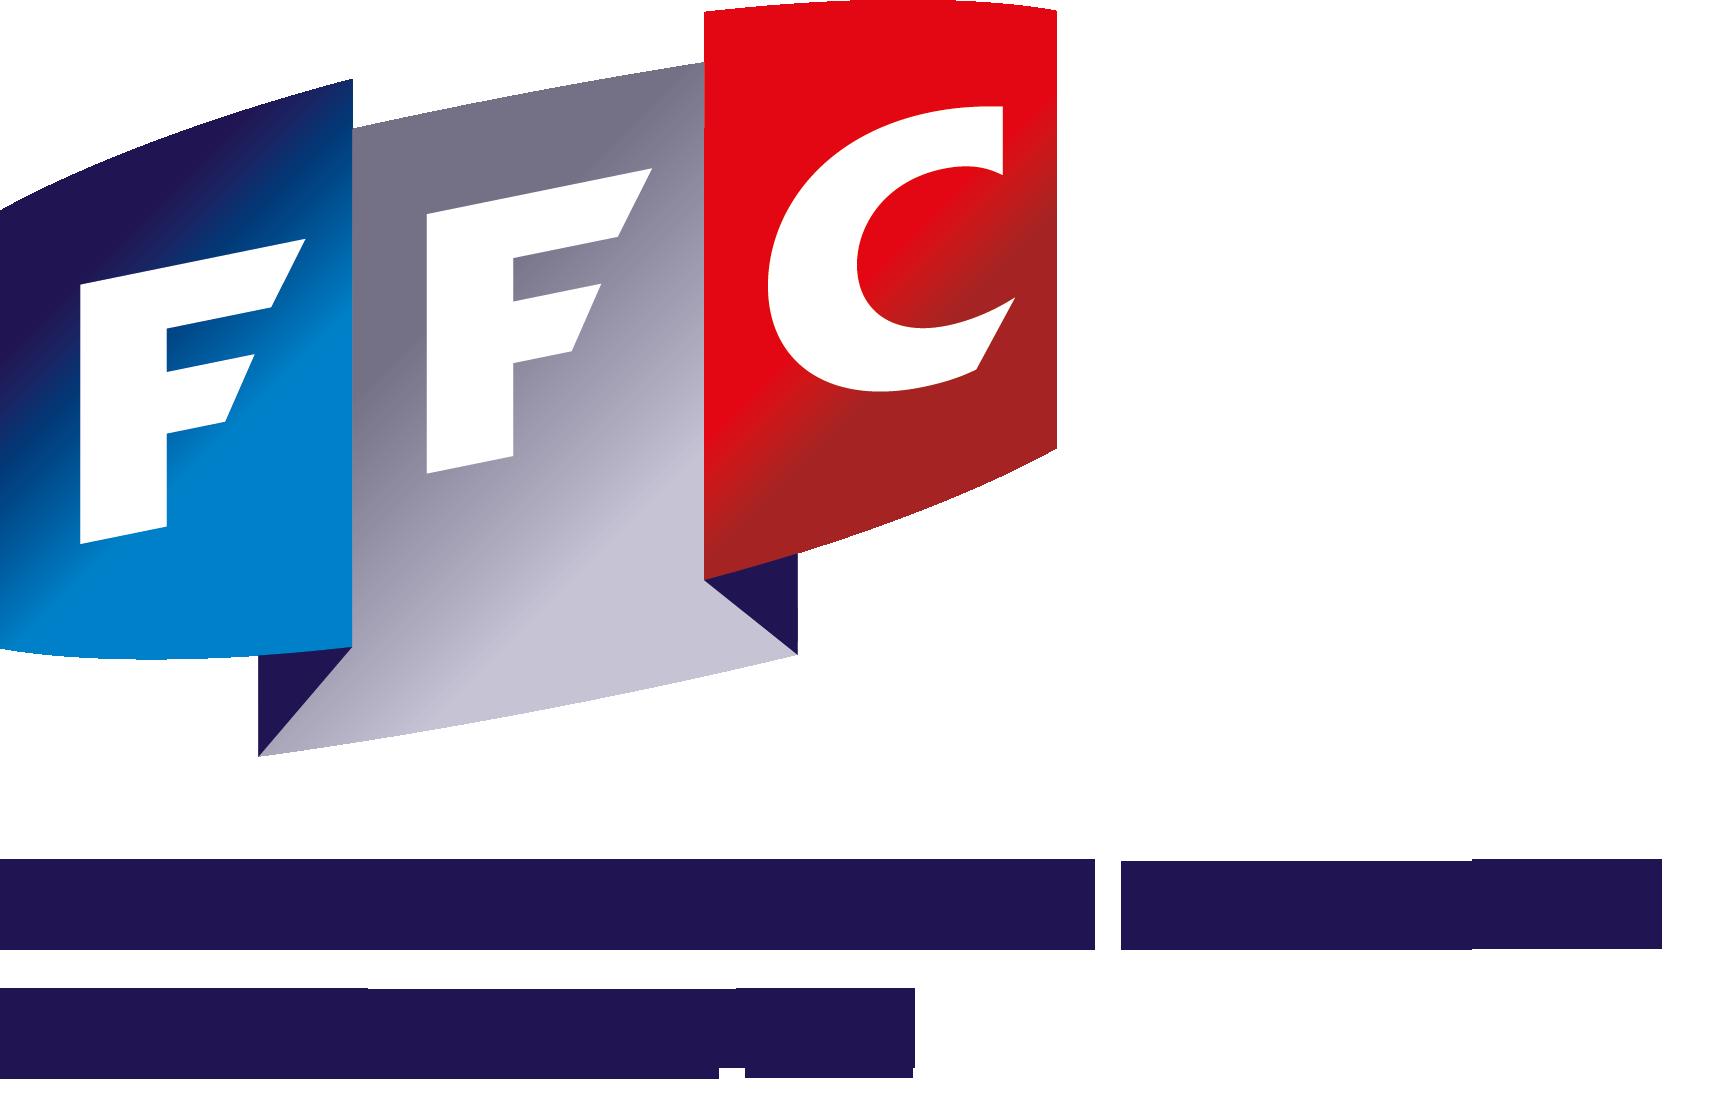 Fédération Française de Carrosserie Industrie et Services